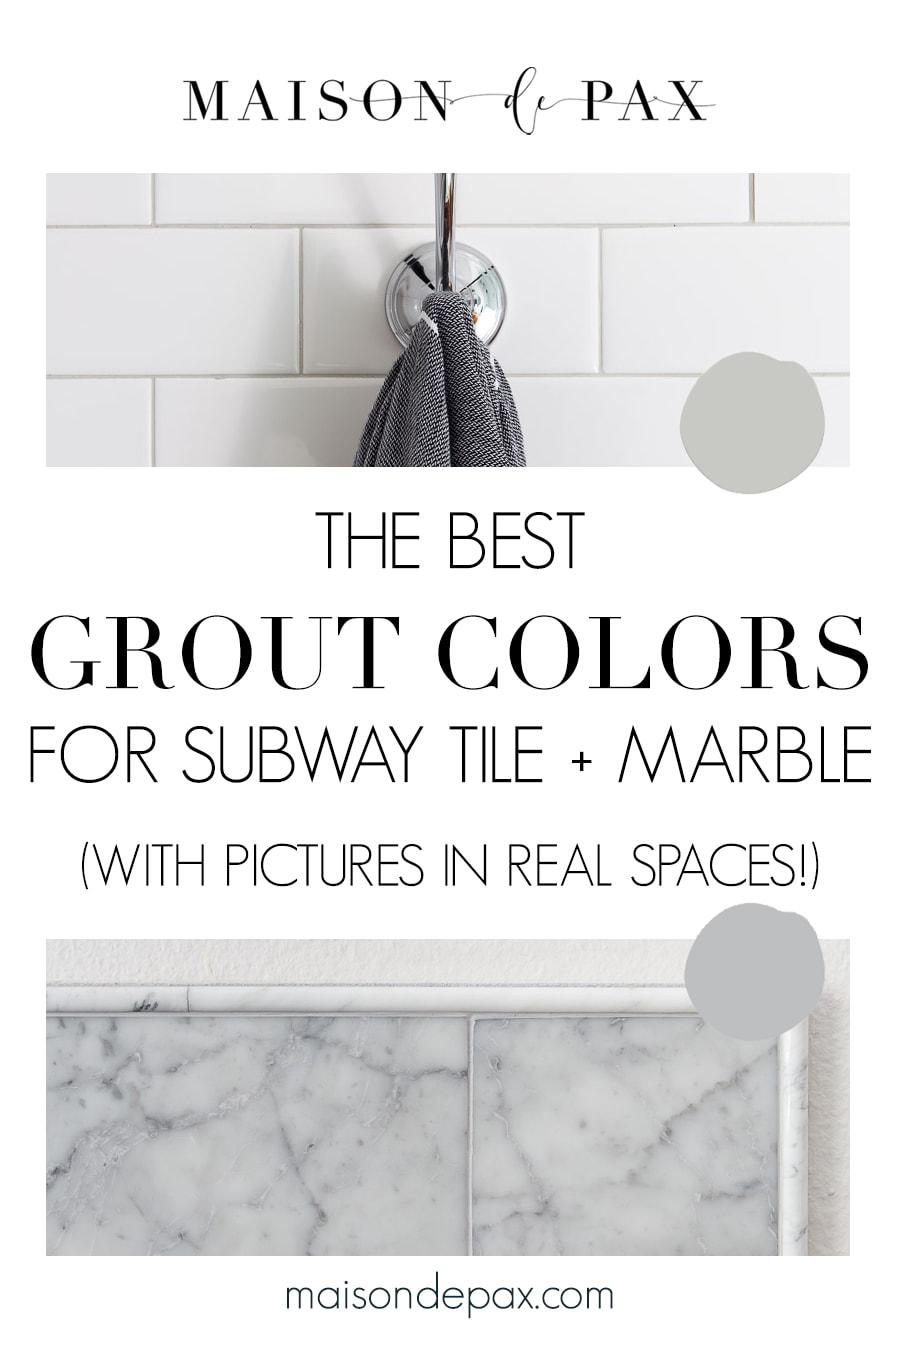 best grout colors for subway tile and marble | Maison de Pax